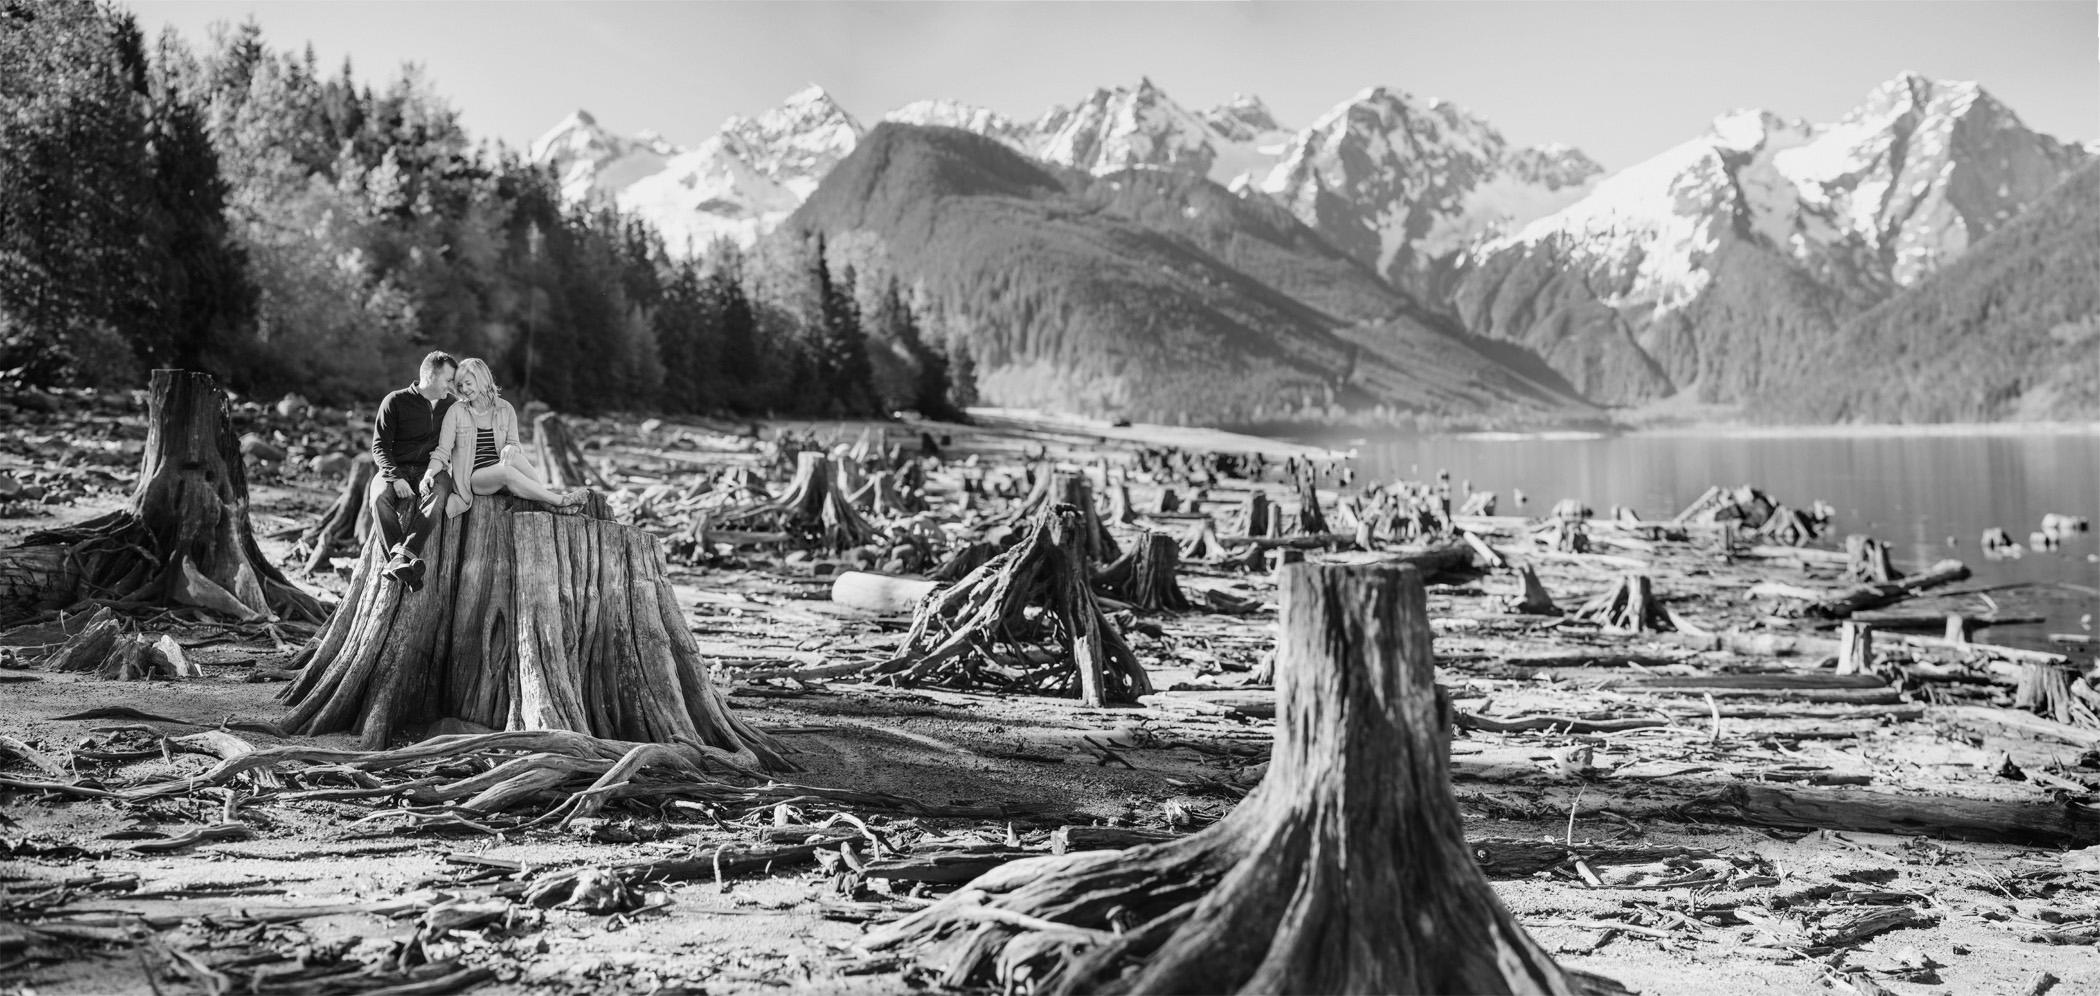 Jones Lake Portrait with Tree Stumps